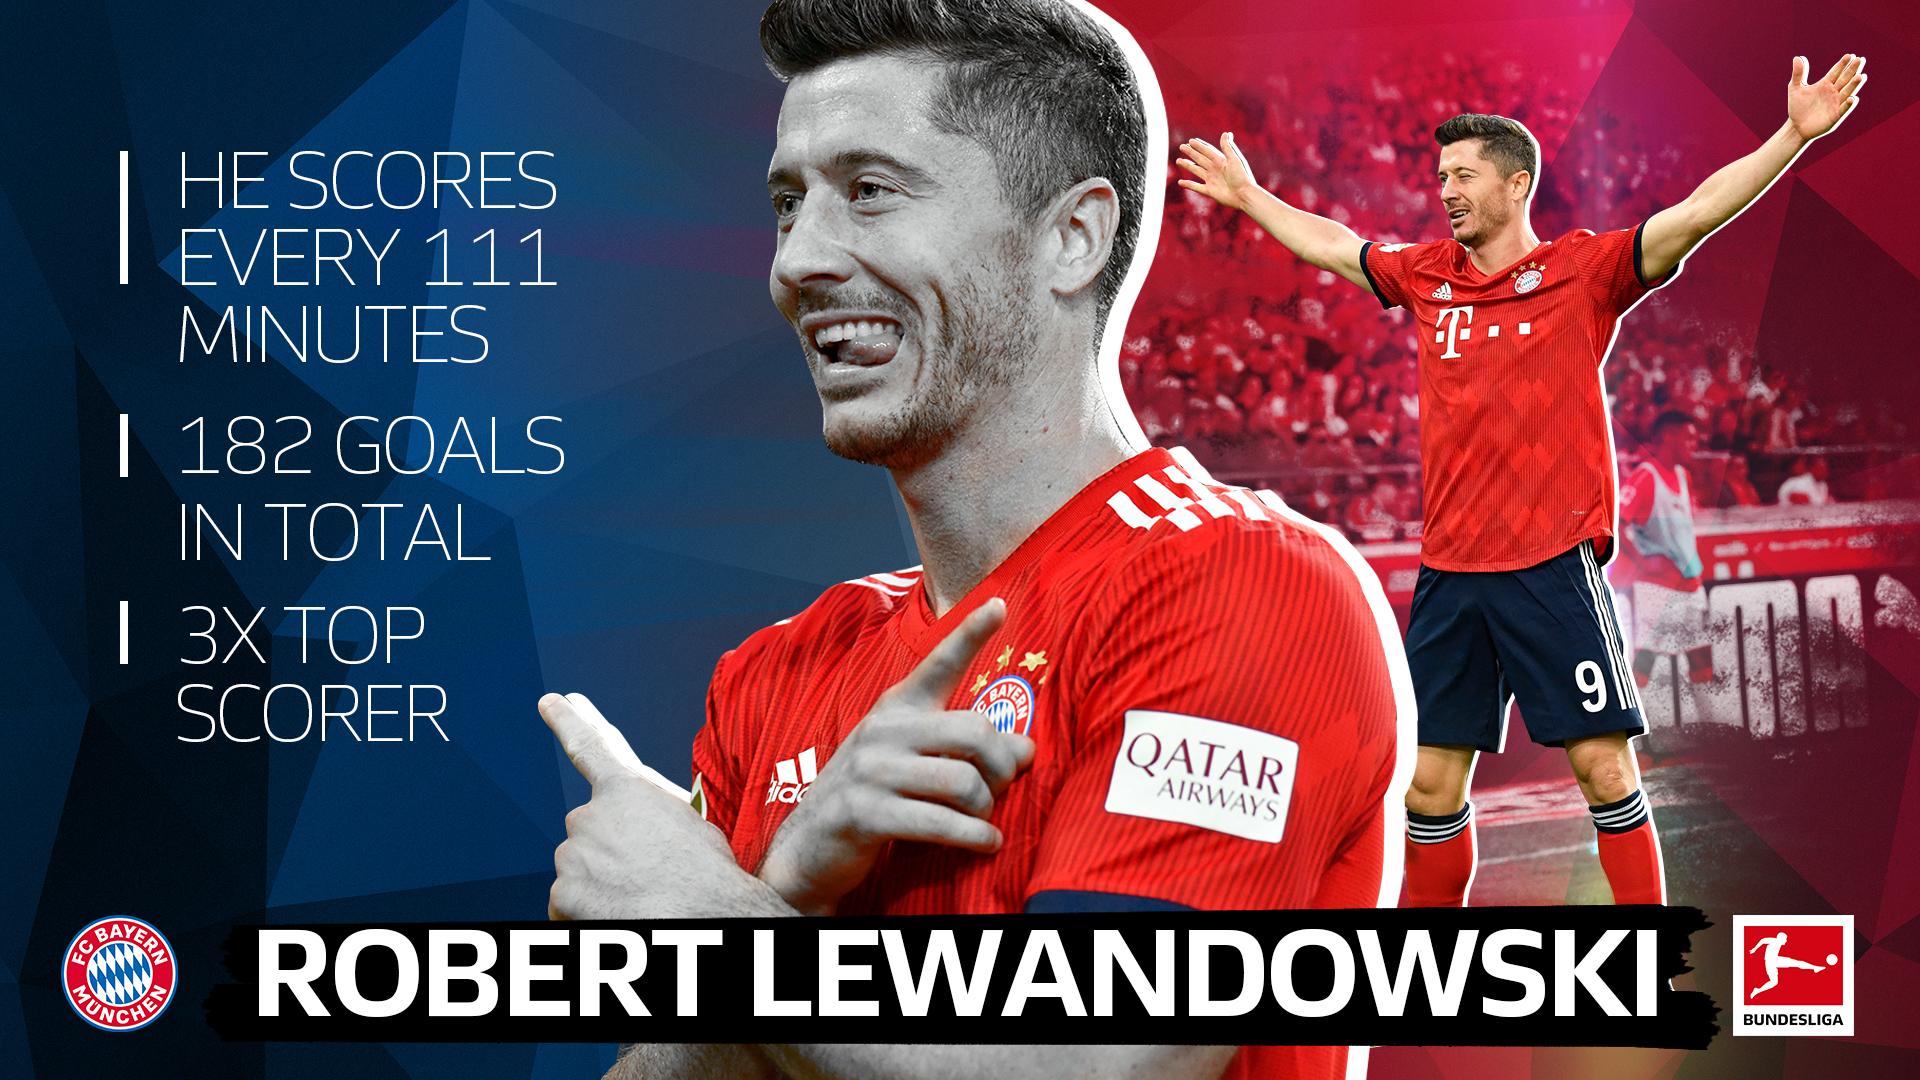 Robert-Lewandowski-Bundesliga-16x9.jpg